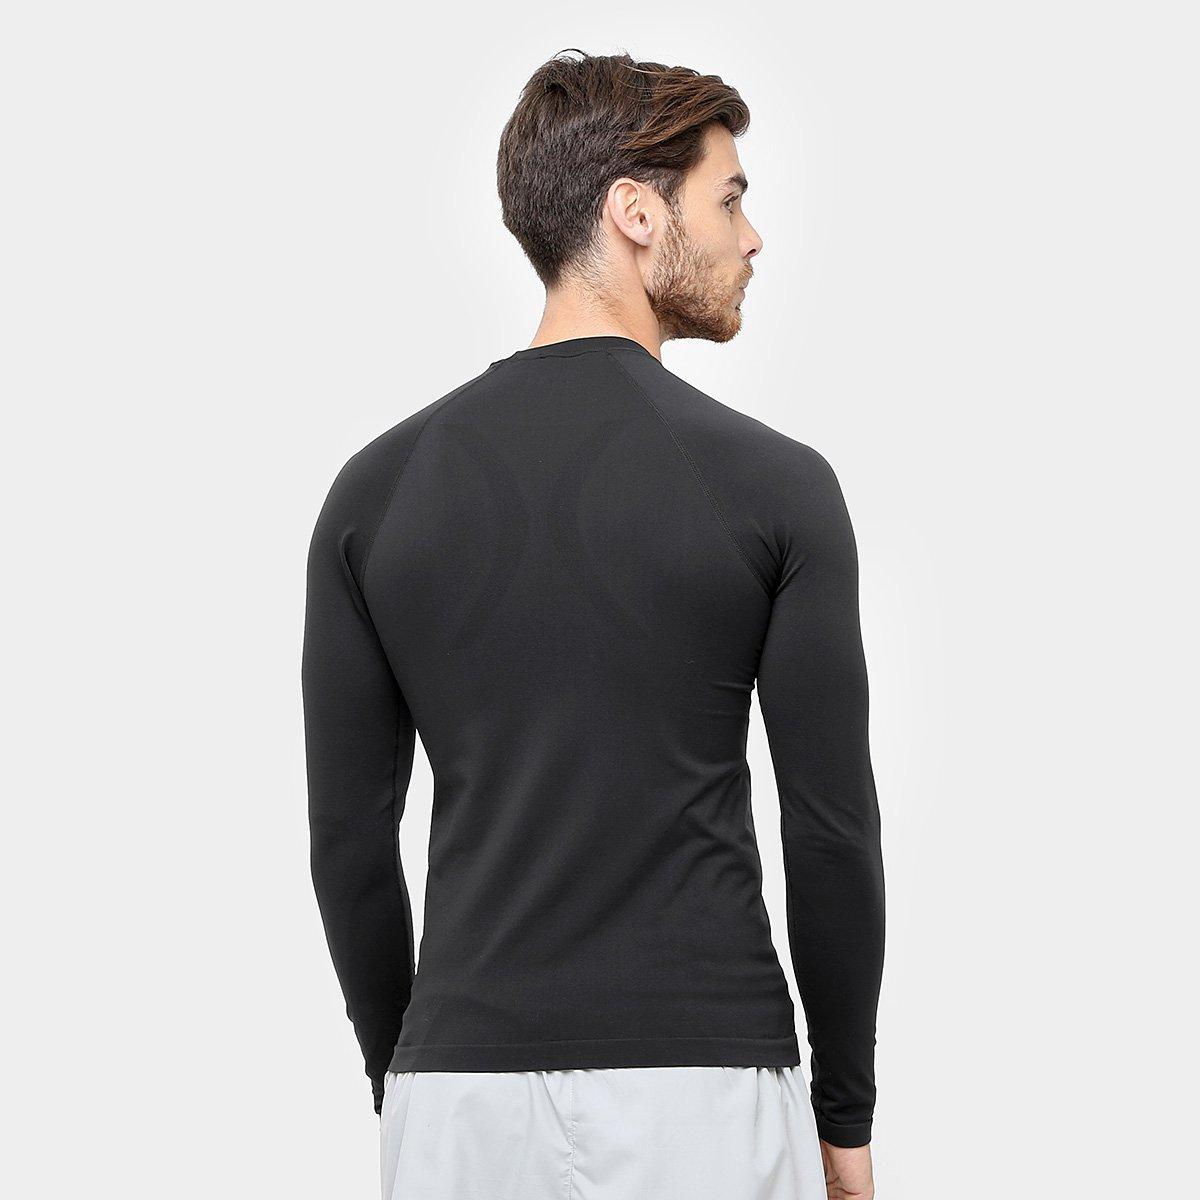 Camiseta de Compressão Lupo Sport Run Manga Longa - Preto - Compre ... d38a654a59342